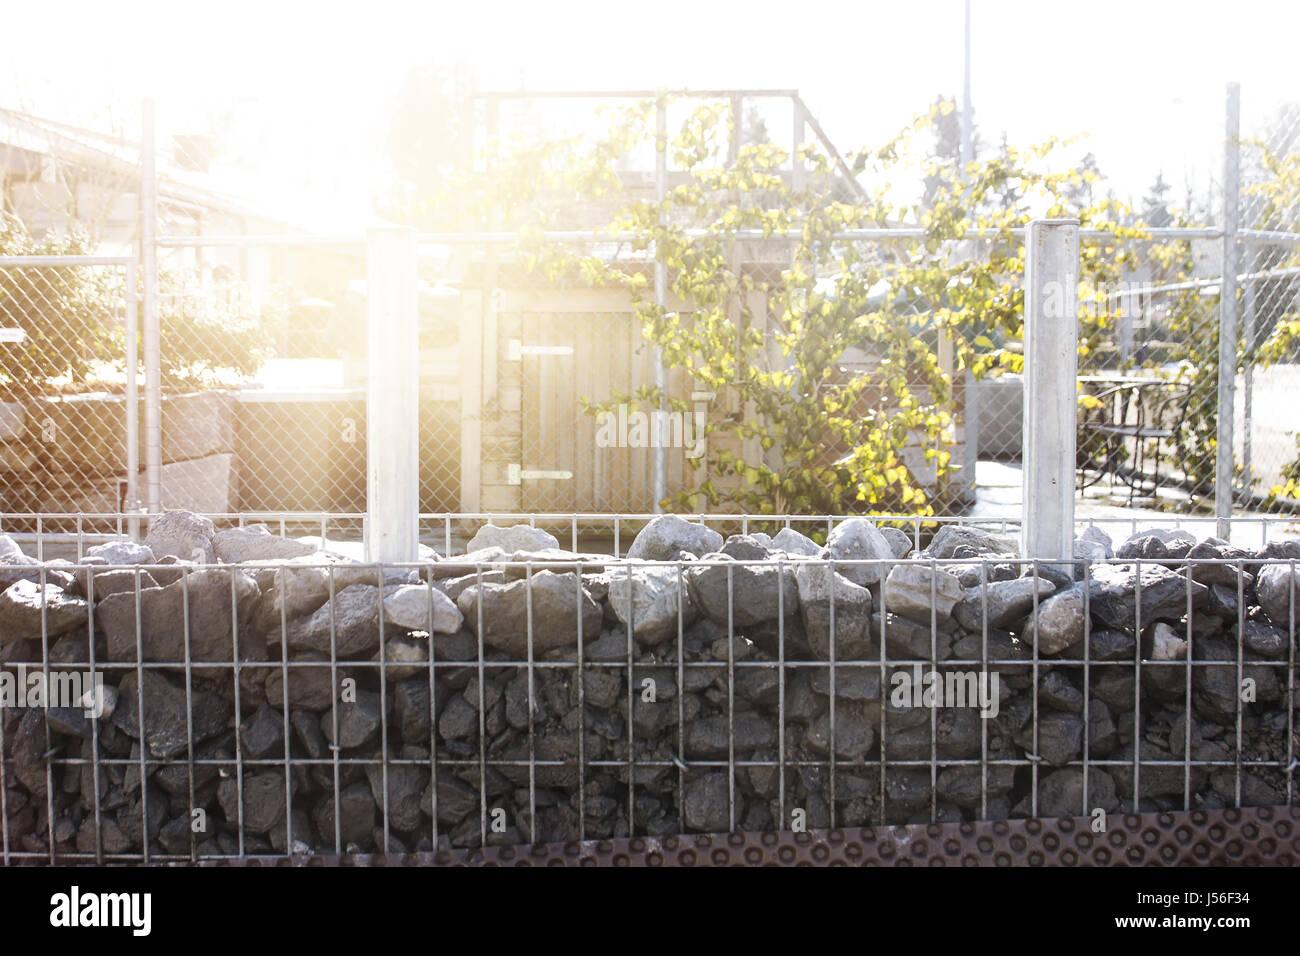 Natur Stein Granit Stelen Mit Granit Kies Zaun Gabione Gartenmauer